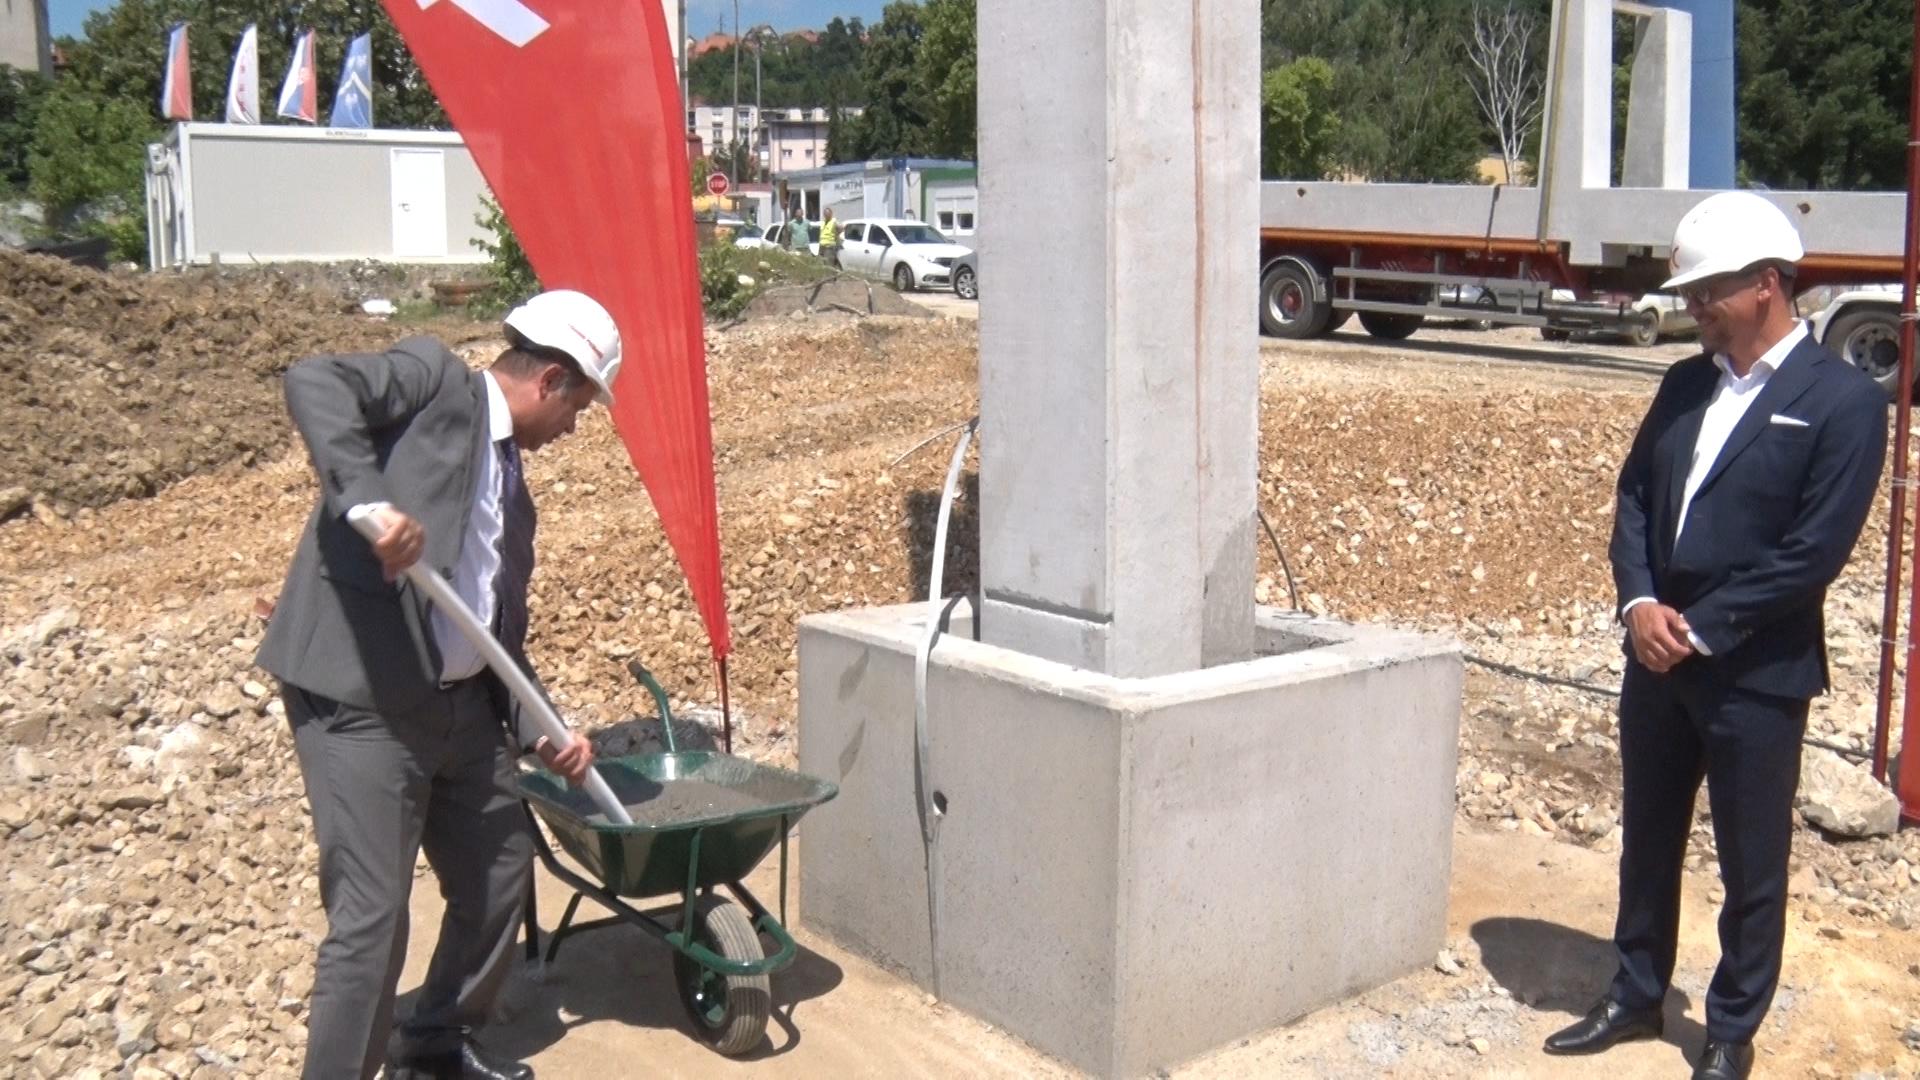 Polozen Kamen Temeljac Za Izgranju Prvog Soping Centra U Uzicu